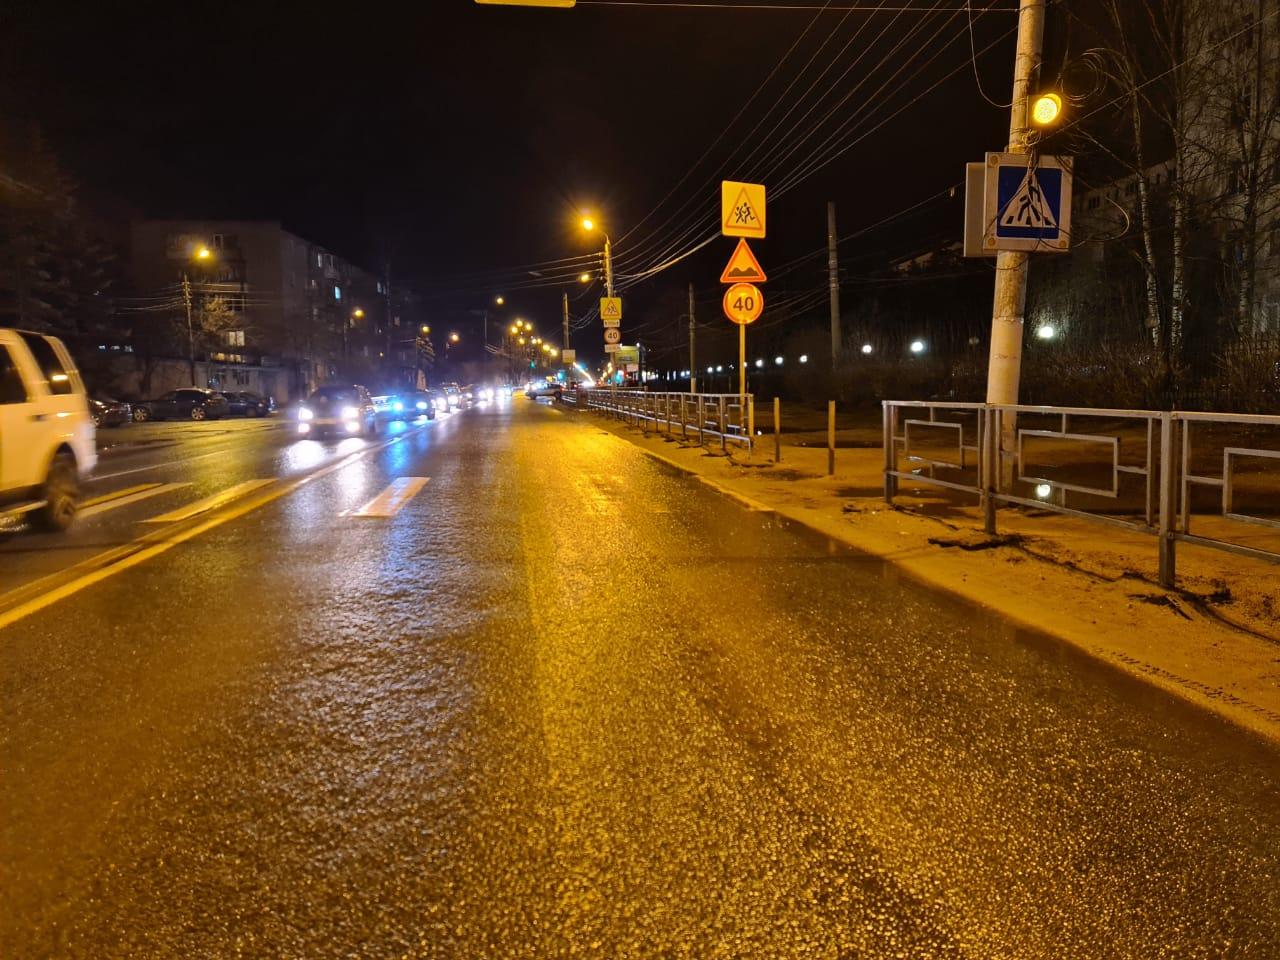 В Твери нашли и задержали водителя внедорожника, сбившего на проспекте Корыткова девочку - новости Афанасий